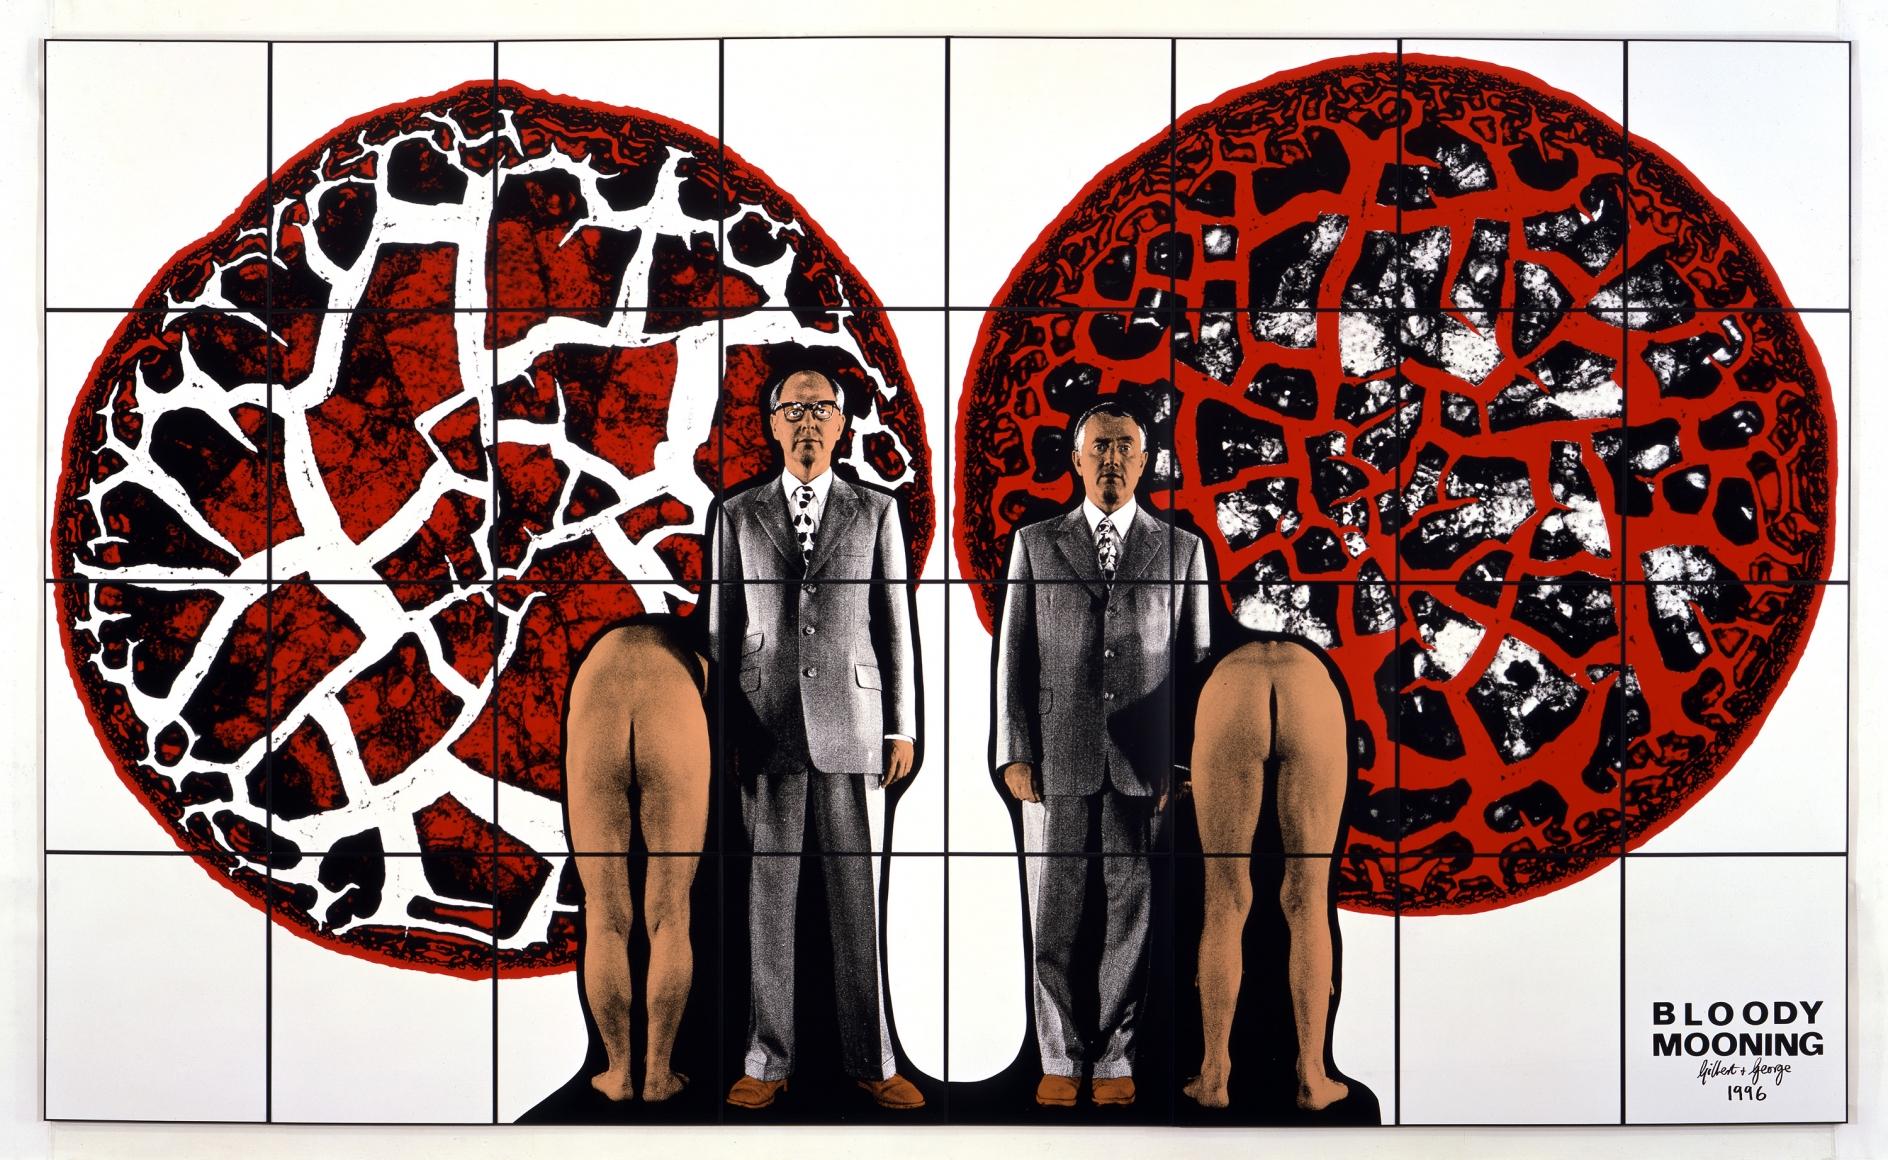 """æ¯""""利·æŸ¥çˆ¾è¿ªæ–¯ Bloody Mooning, 1996"""